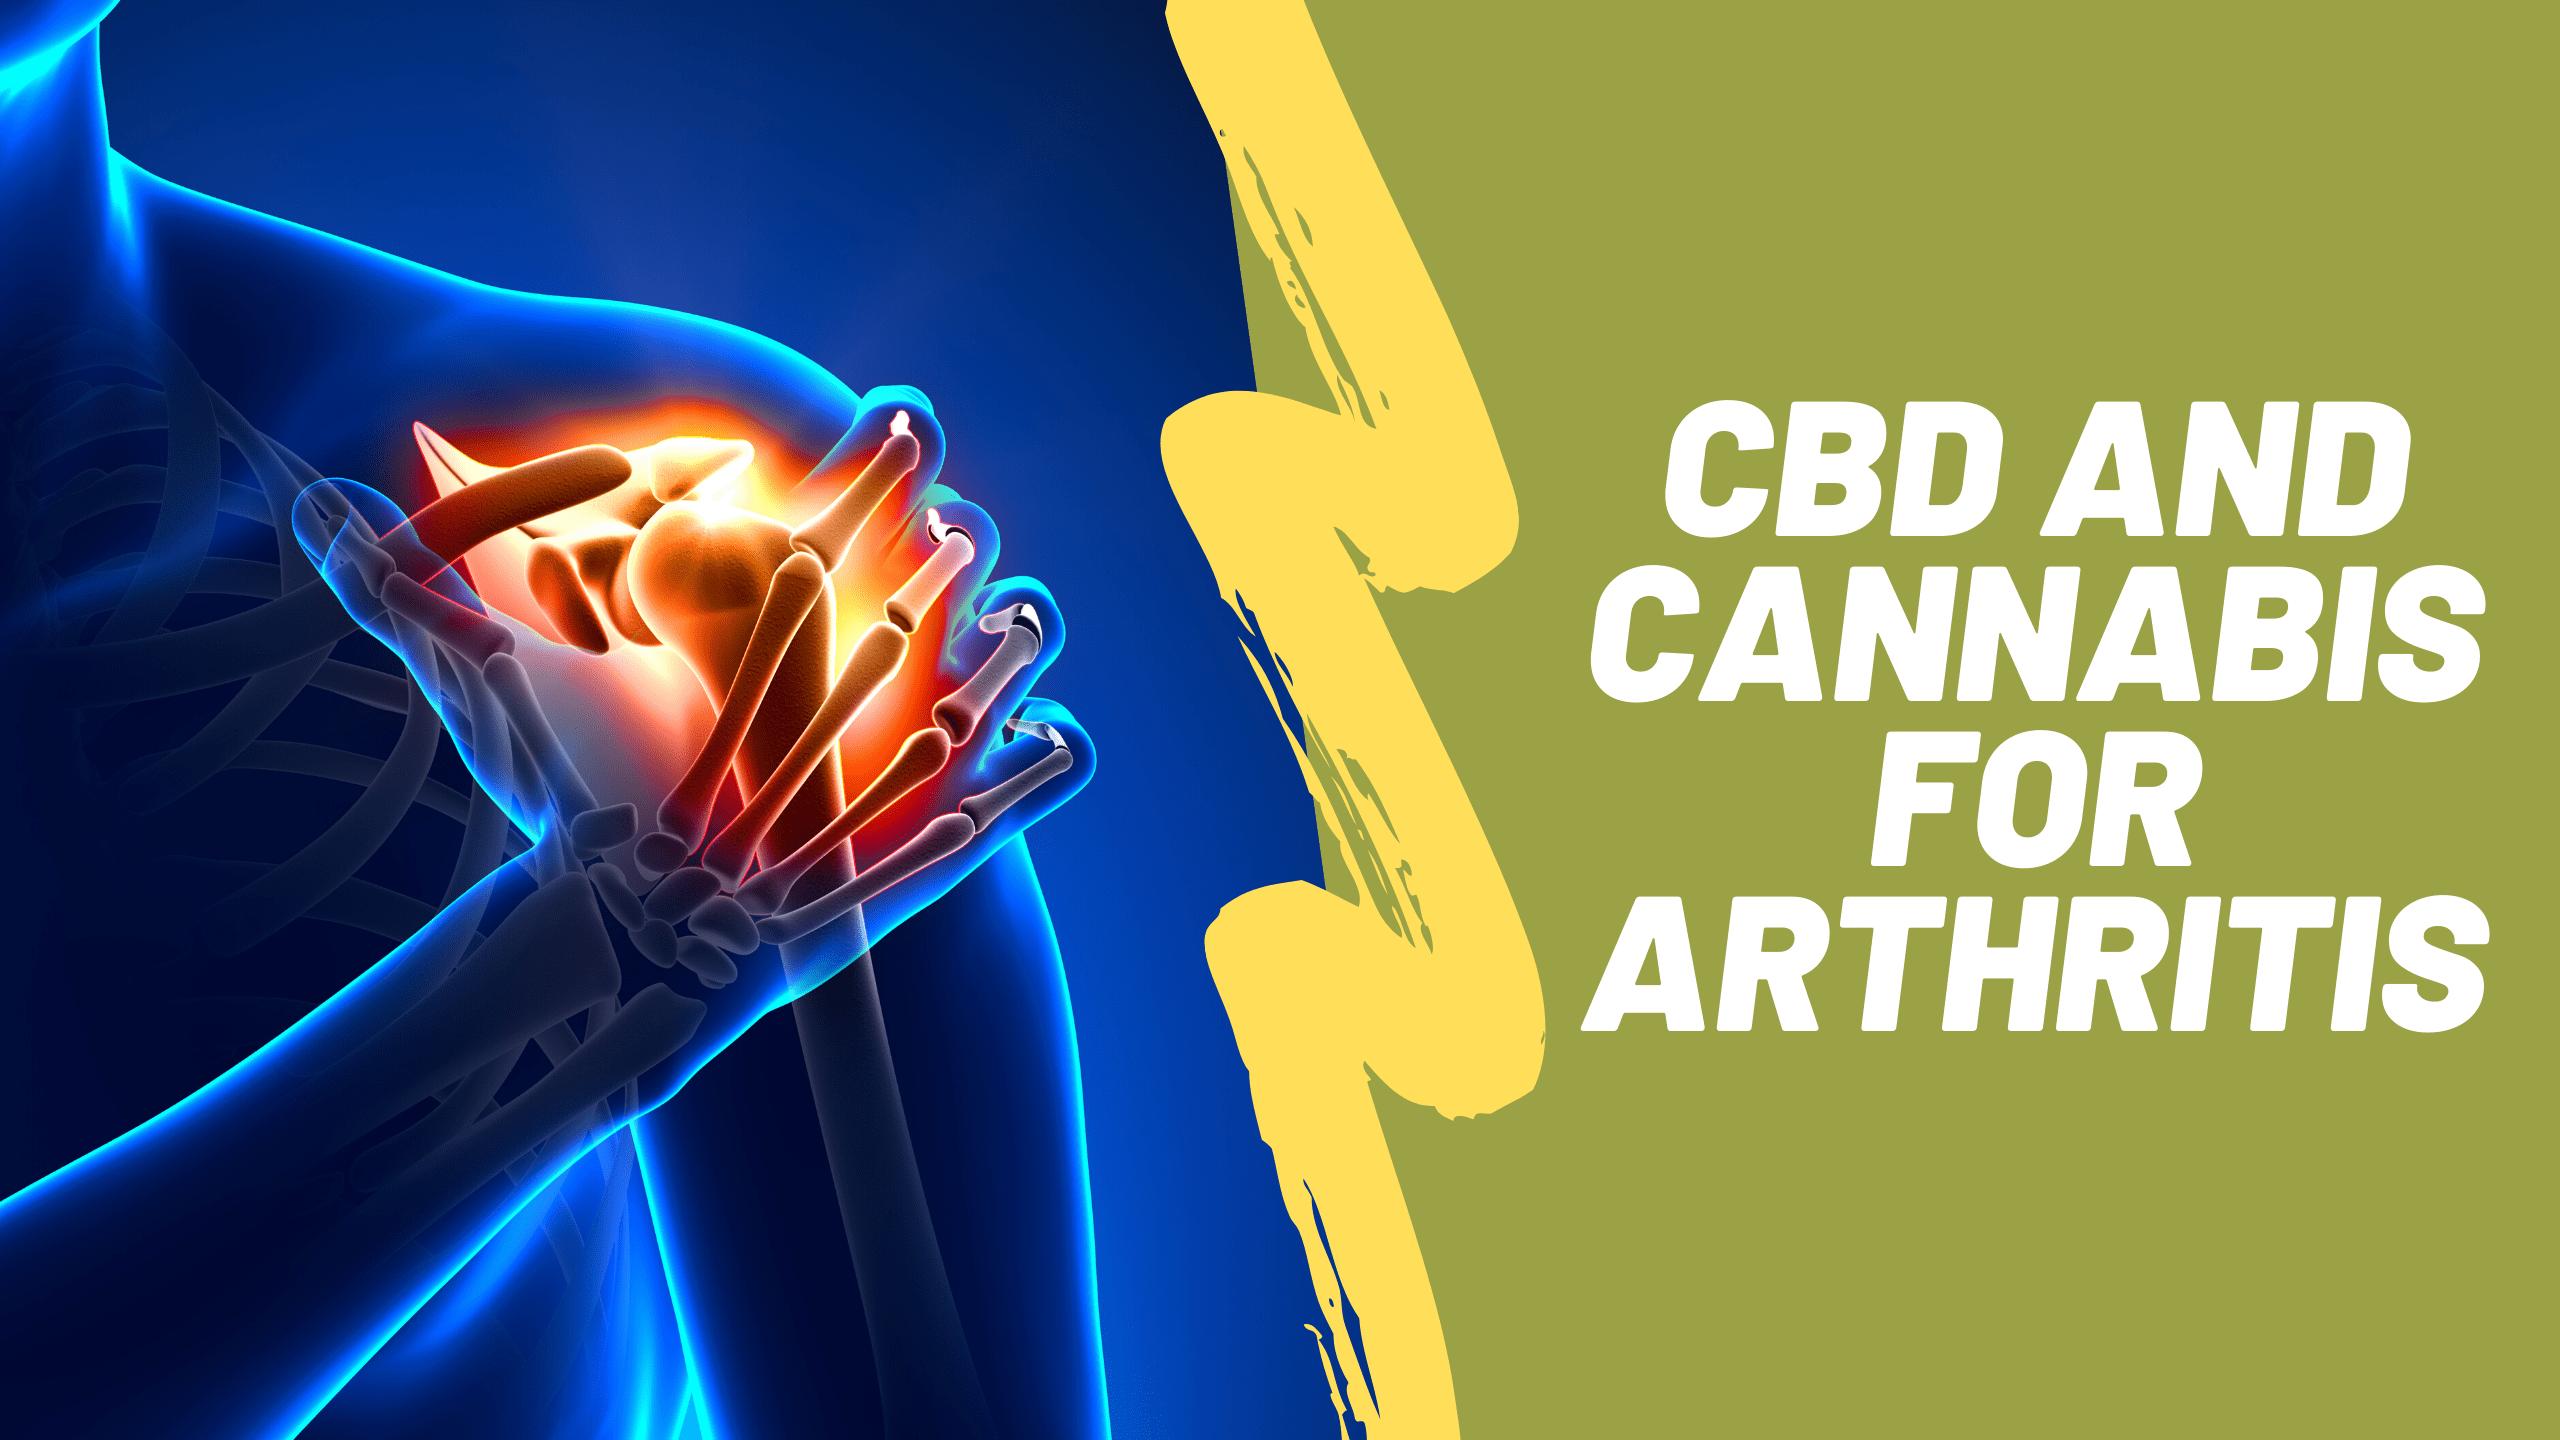 CBD and Cannabis for Arthritis